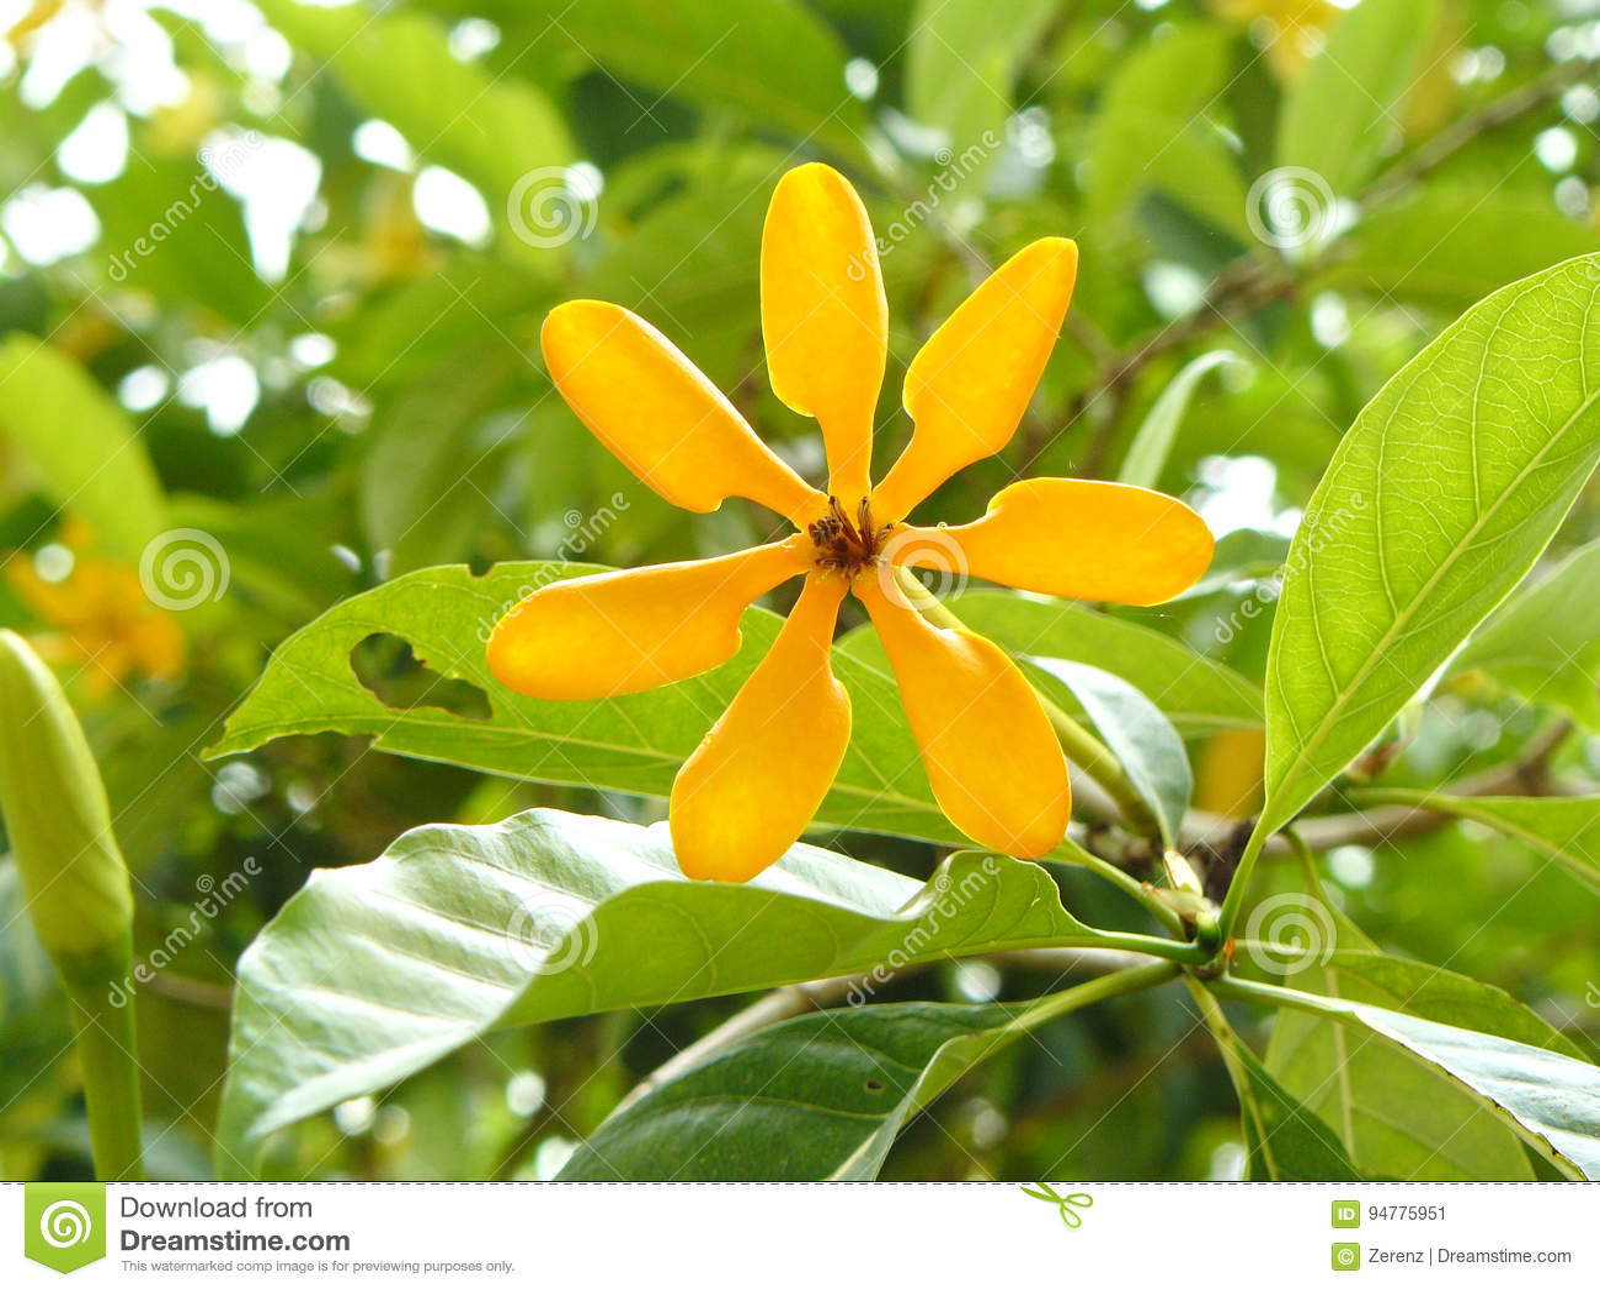 Fiori Gialli Gardenia.Fiore Dorato Di Gardenia Immagine Stock Immagine Di Fogliame